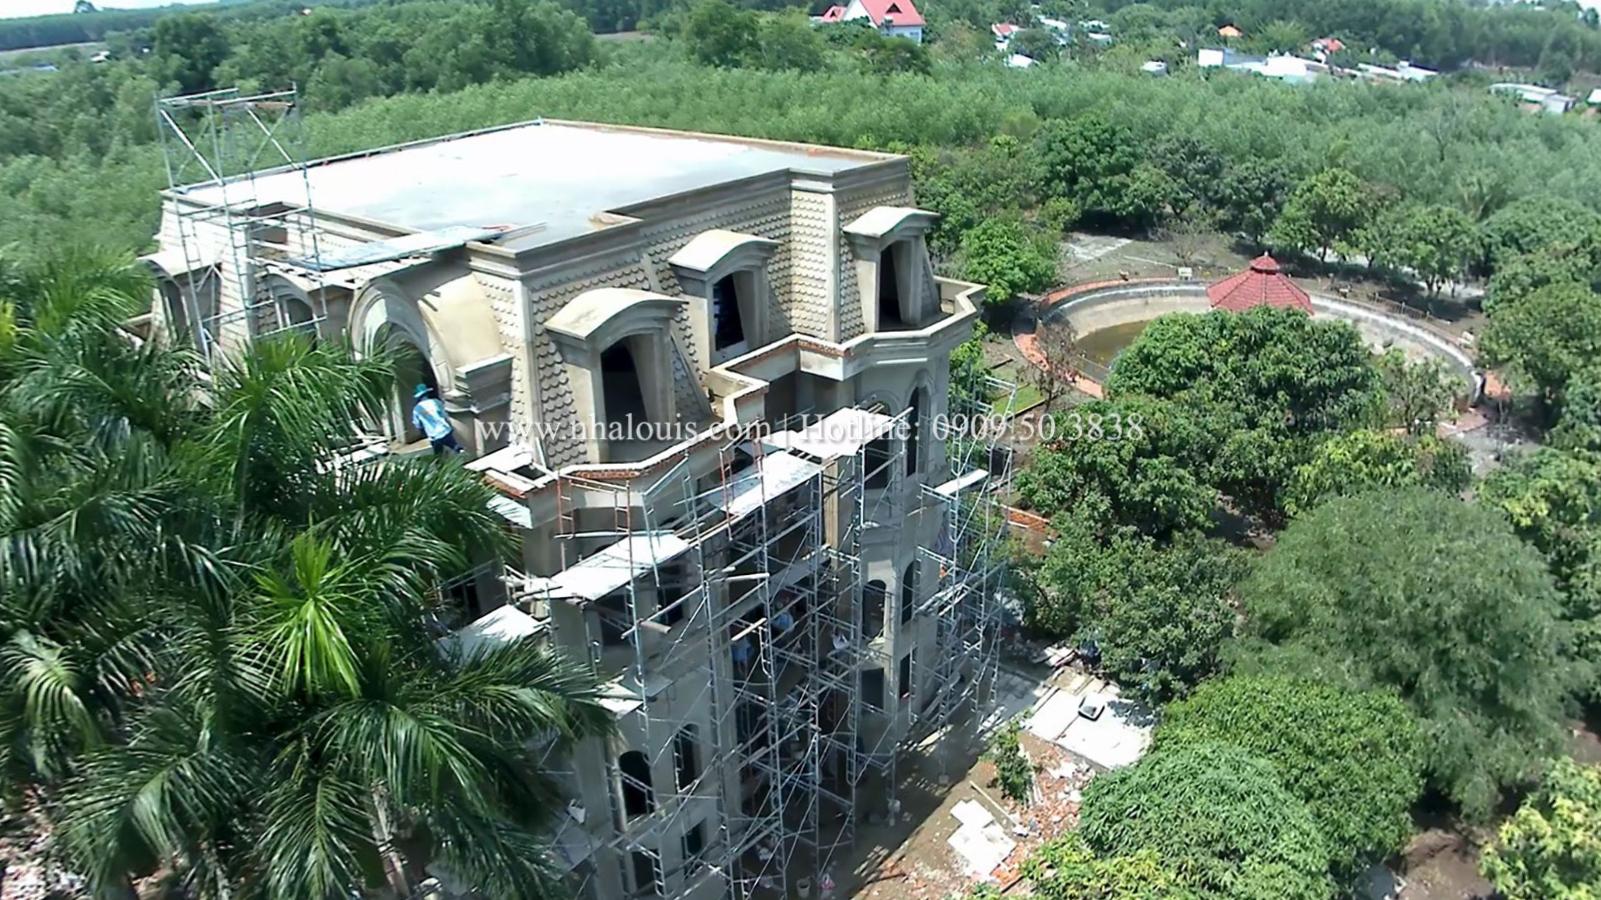 Biệt thự kiến trúc Pháp đẹp đẳng cấp sau cải tạo tại Đồng Nai